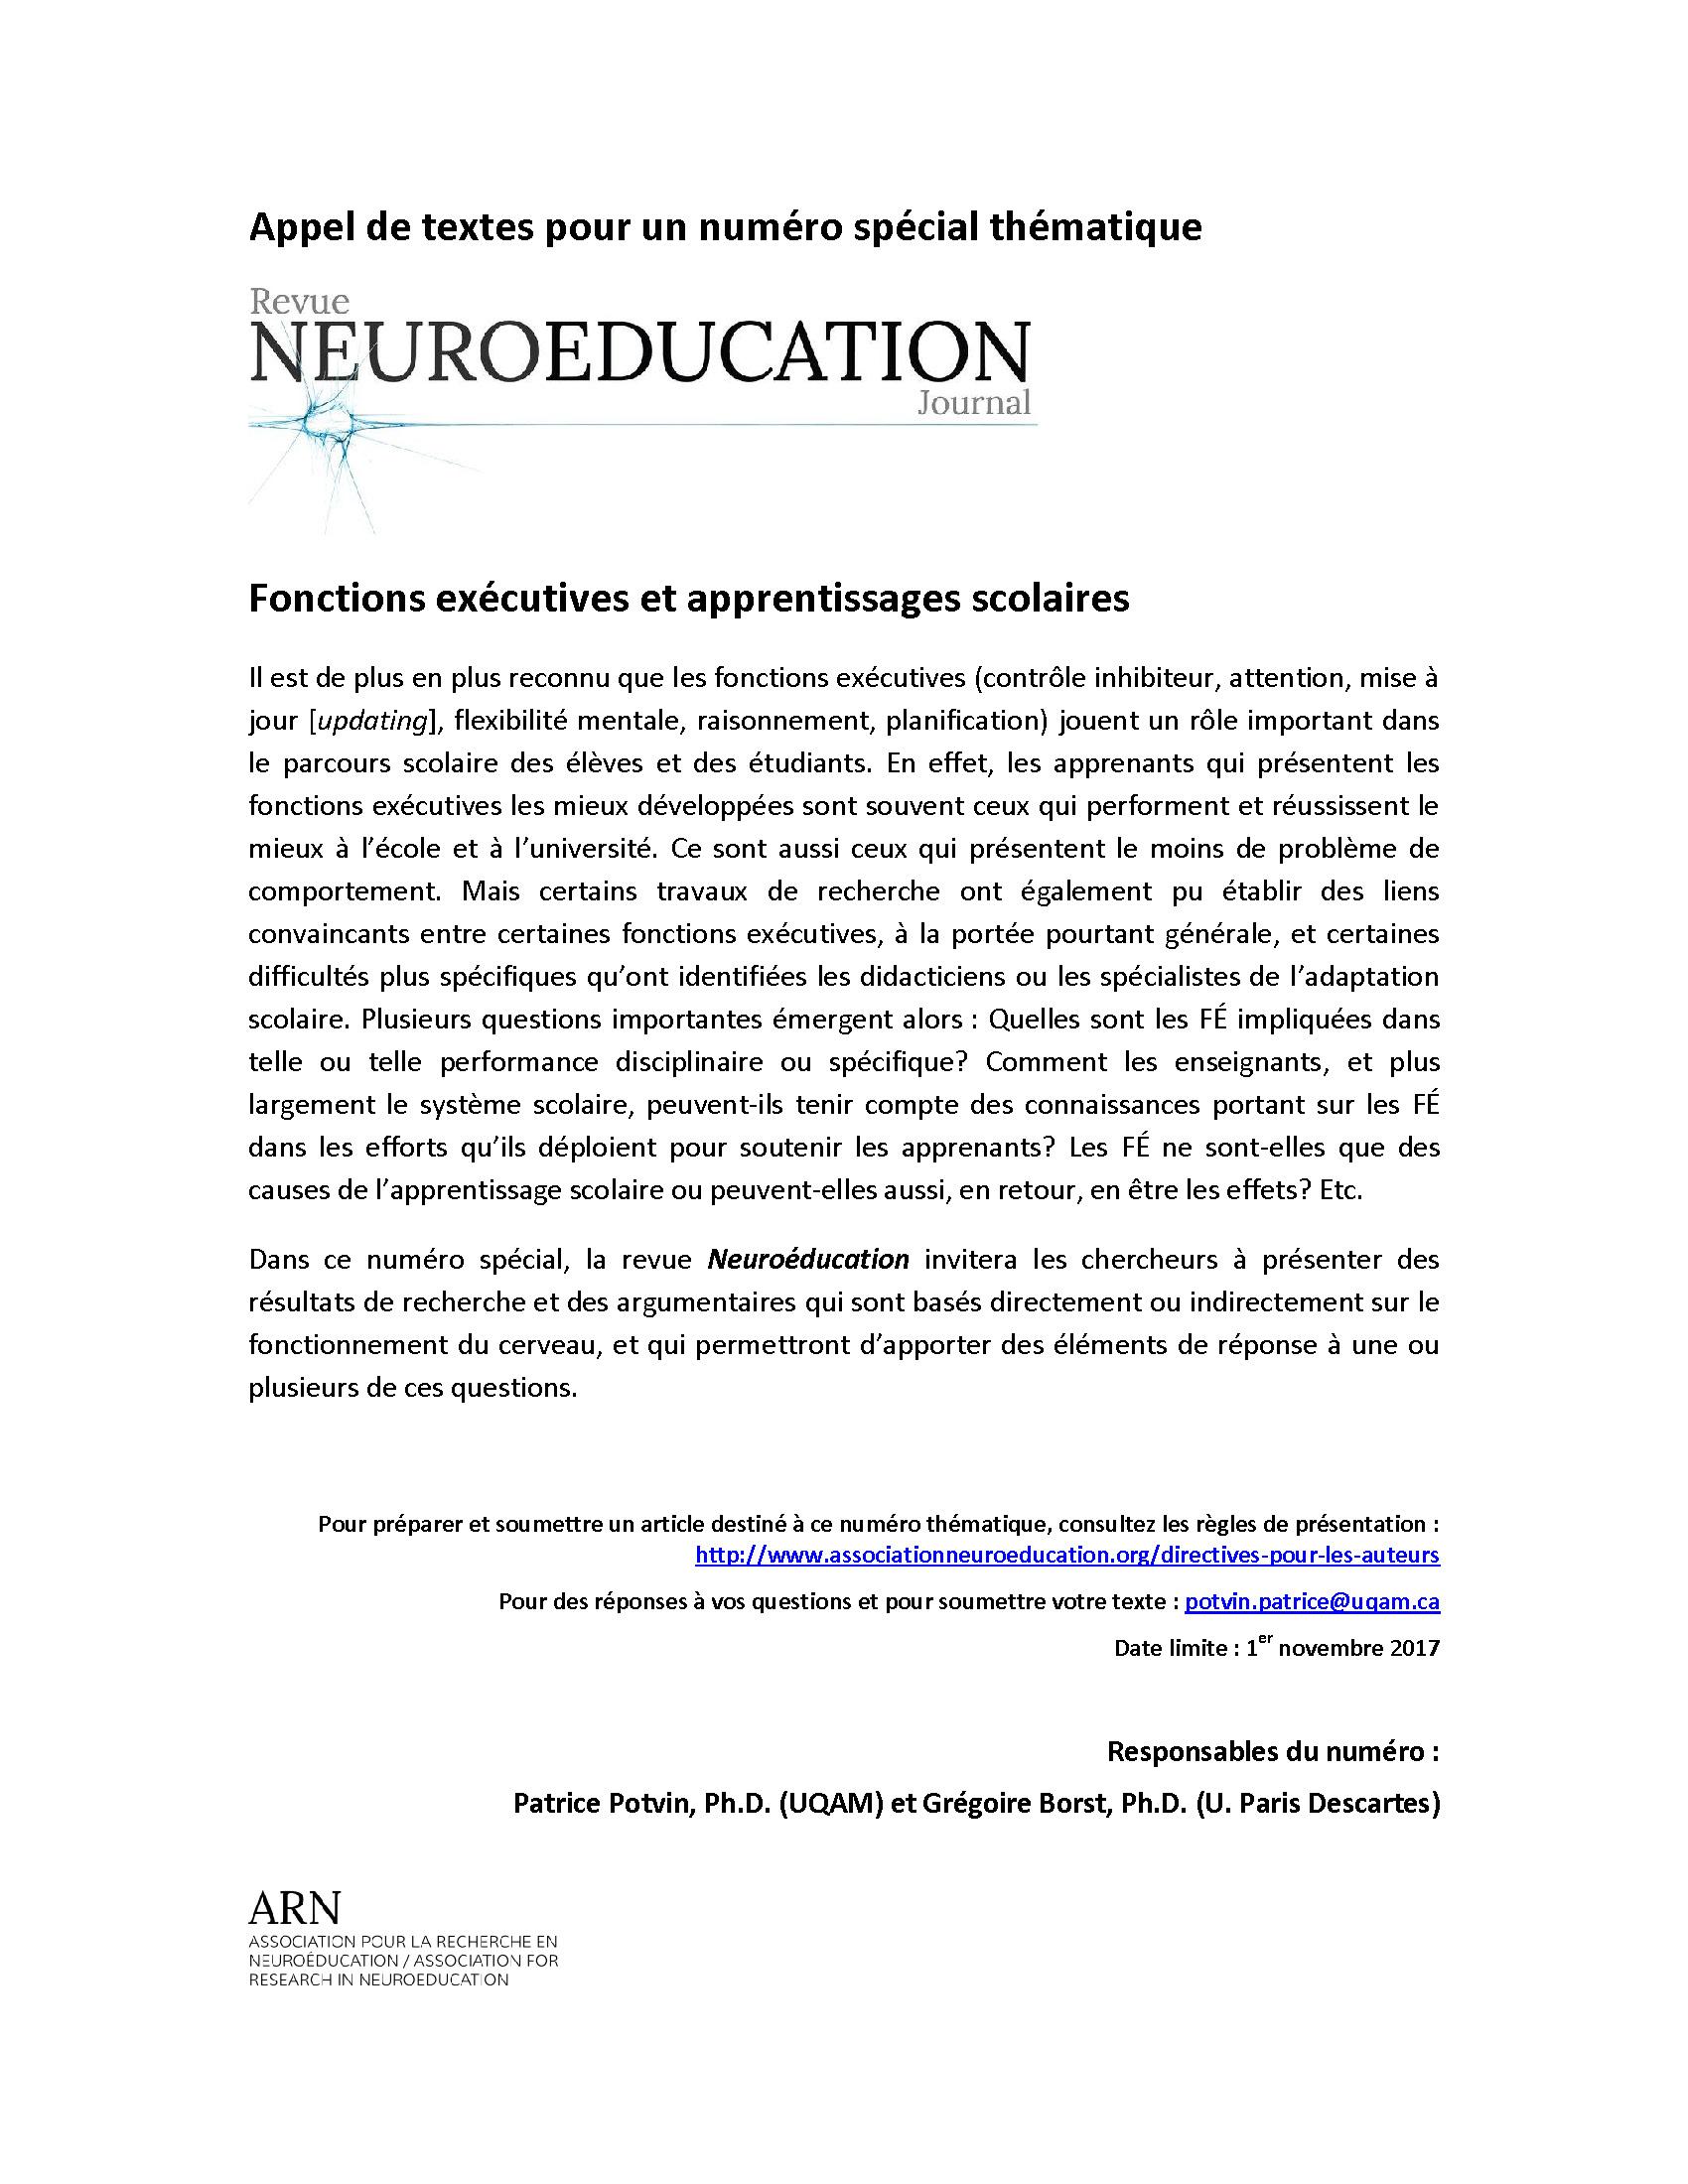 Appel bilingue_Neuroeducation_FE_2018_Page_2.jpg